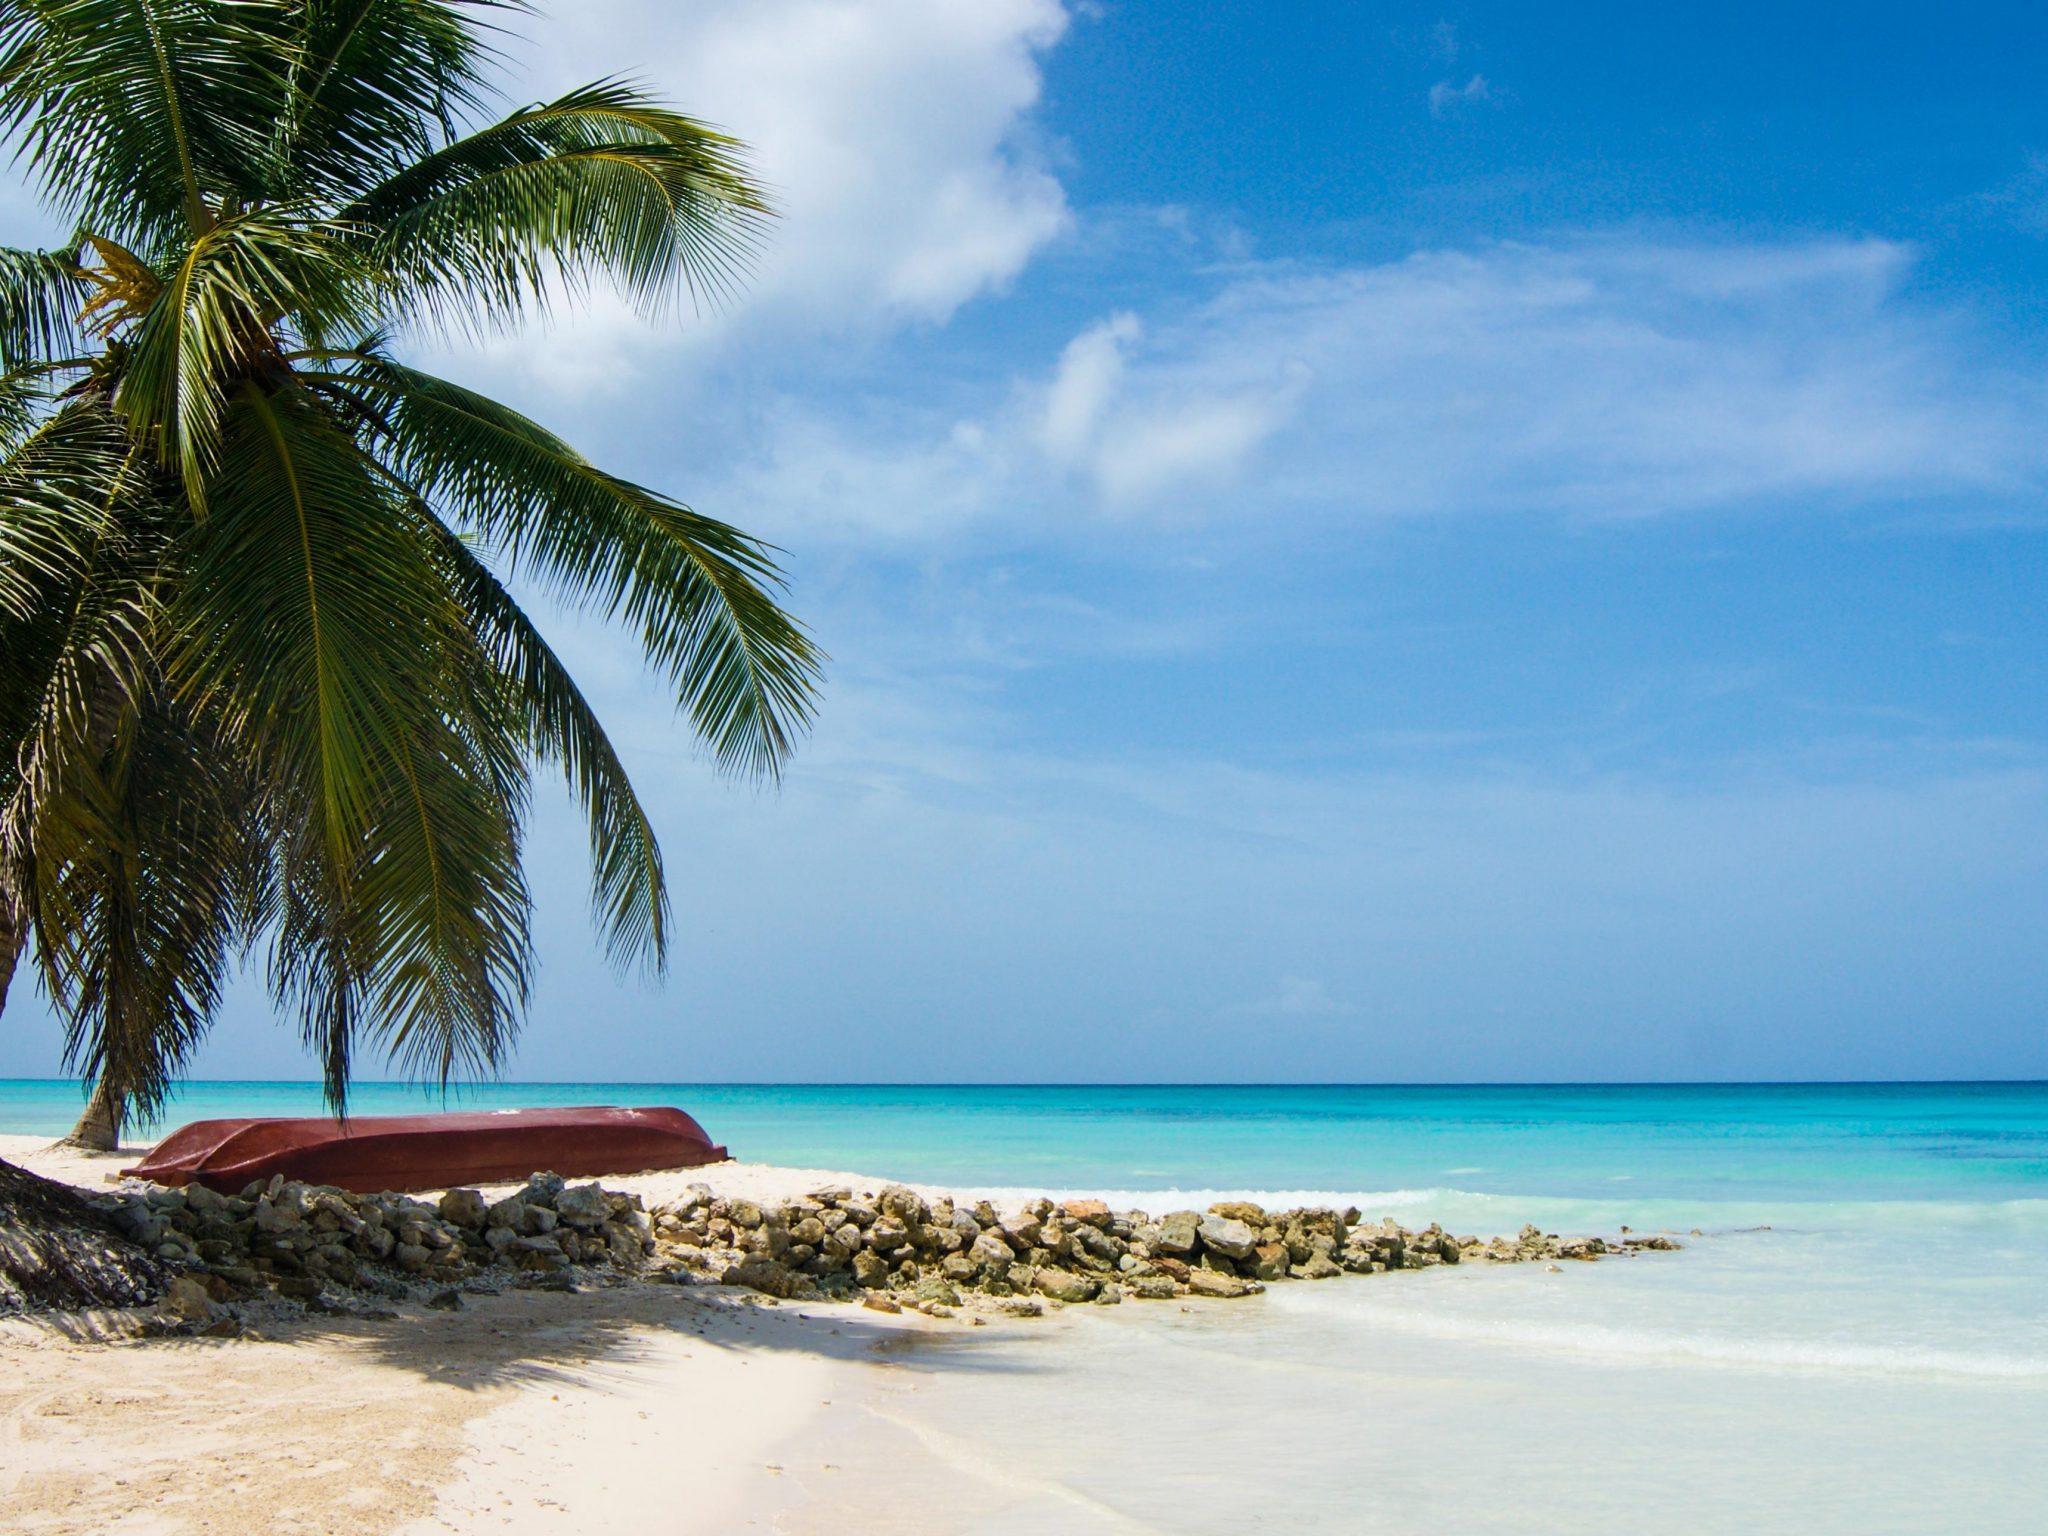 остров саона доминикана фото свернув